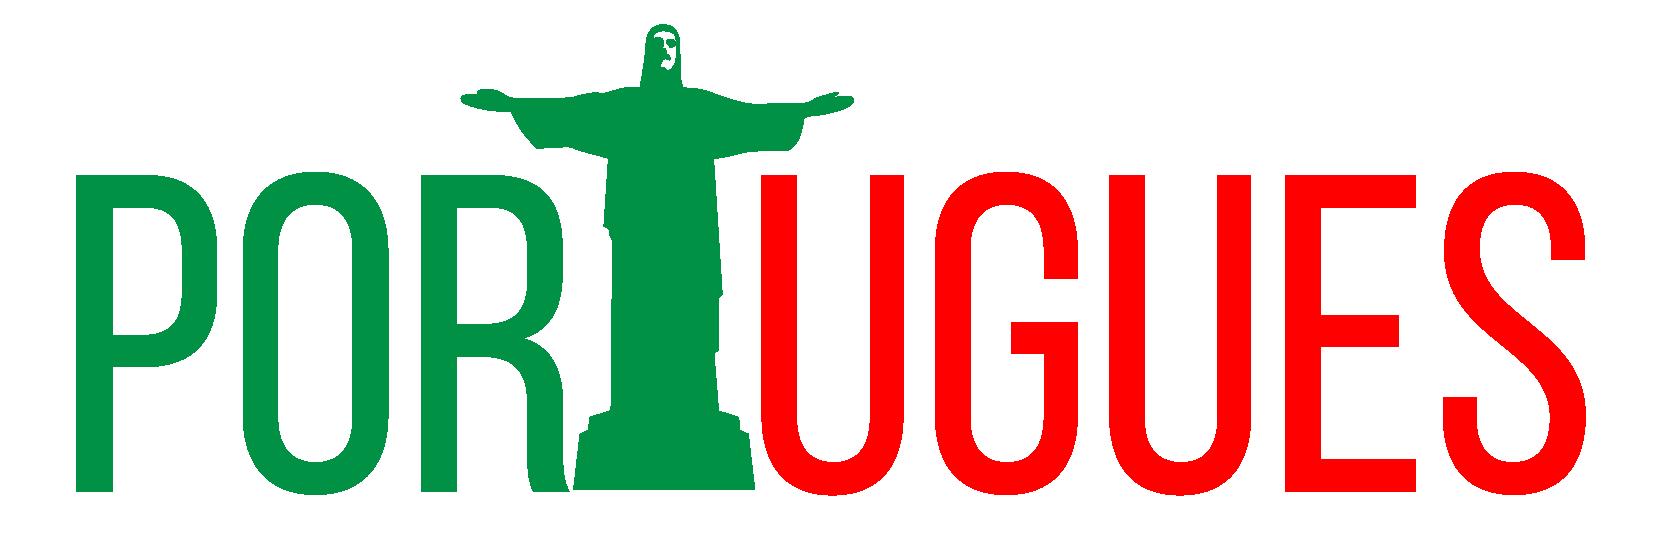 Resultado de imagen de portugues